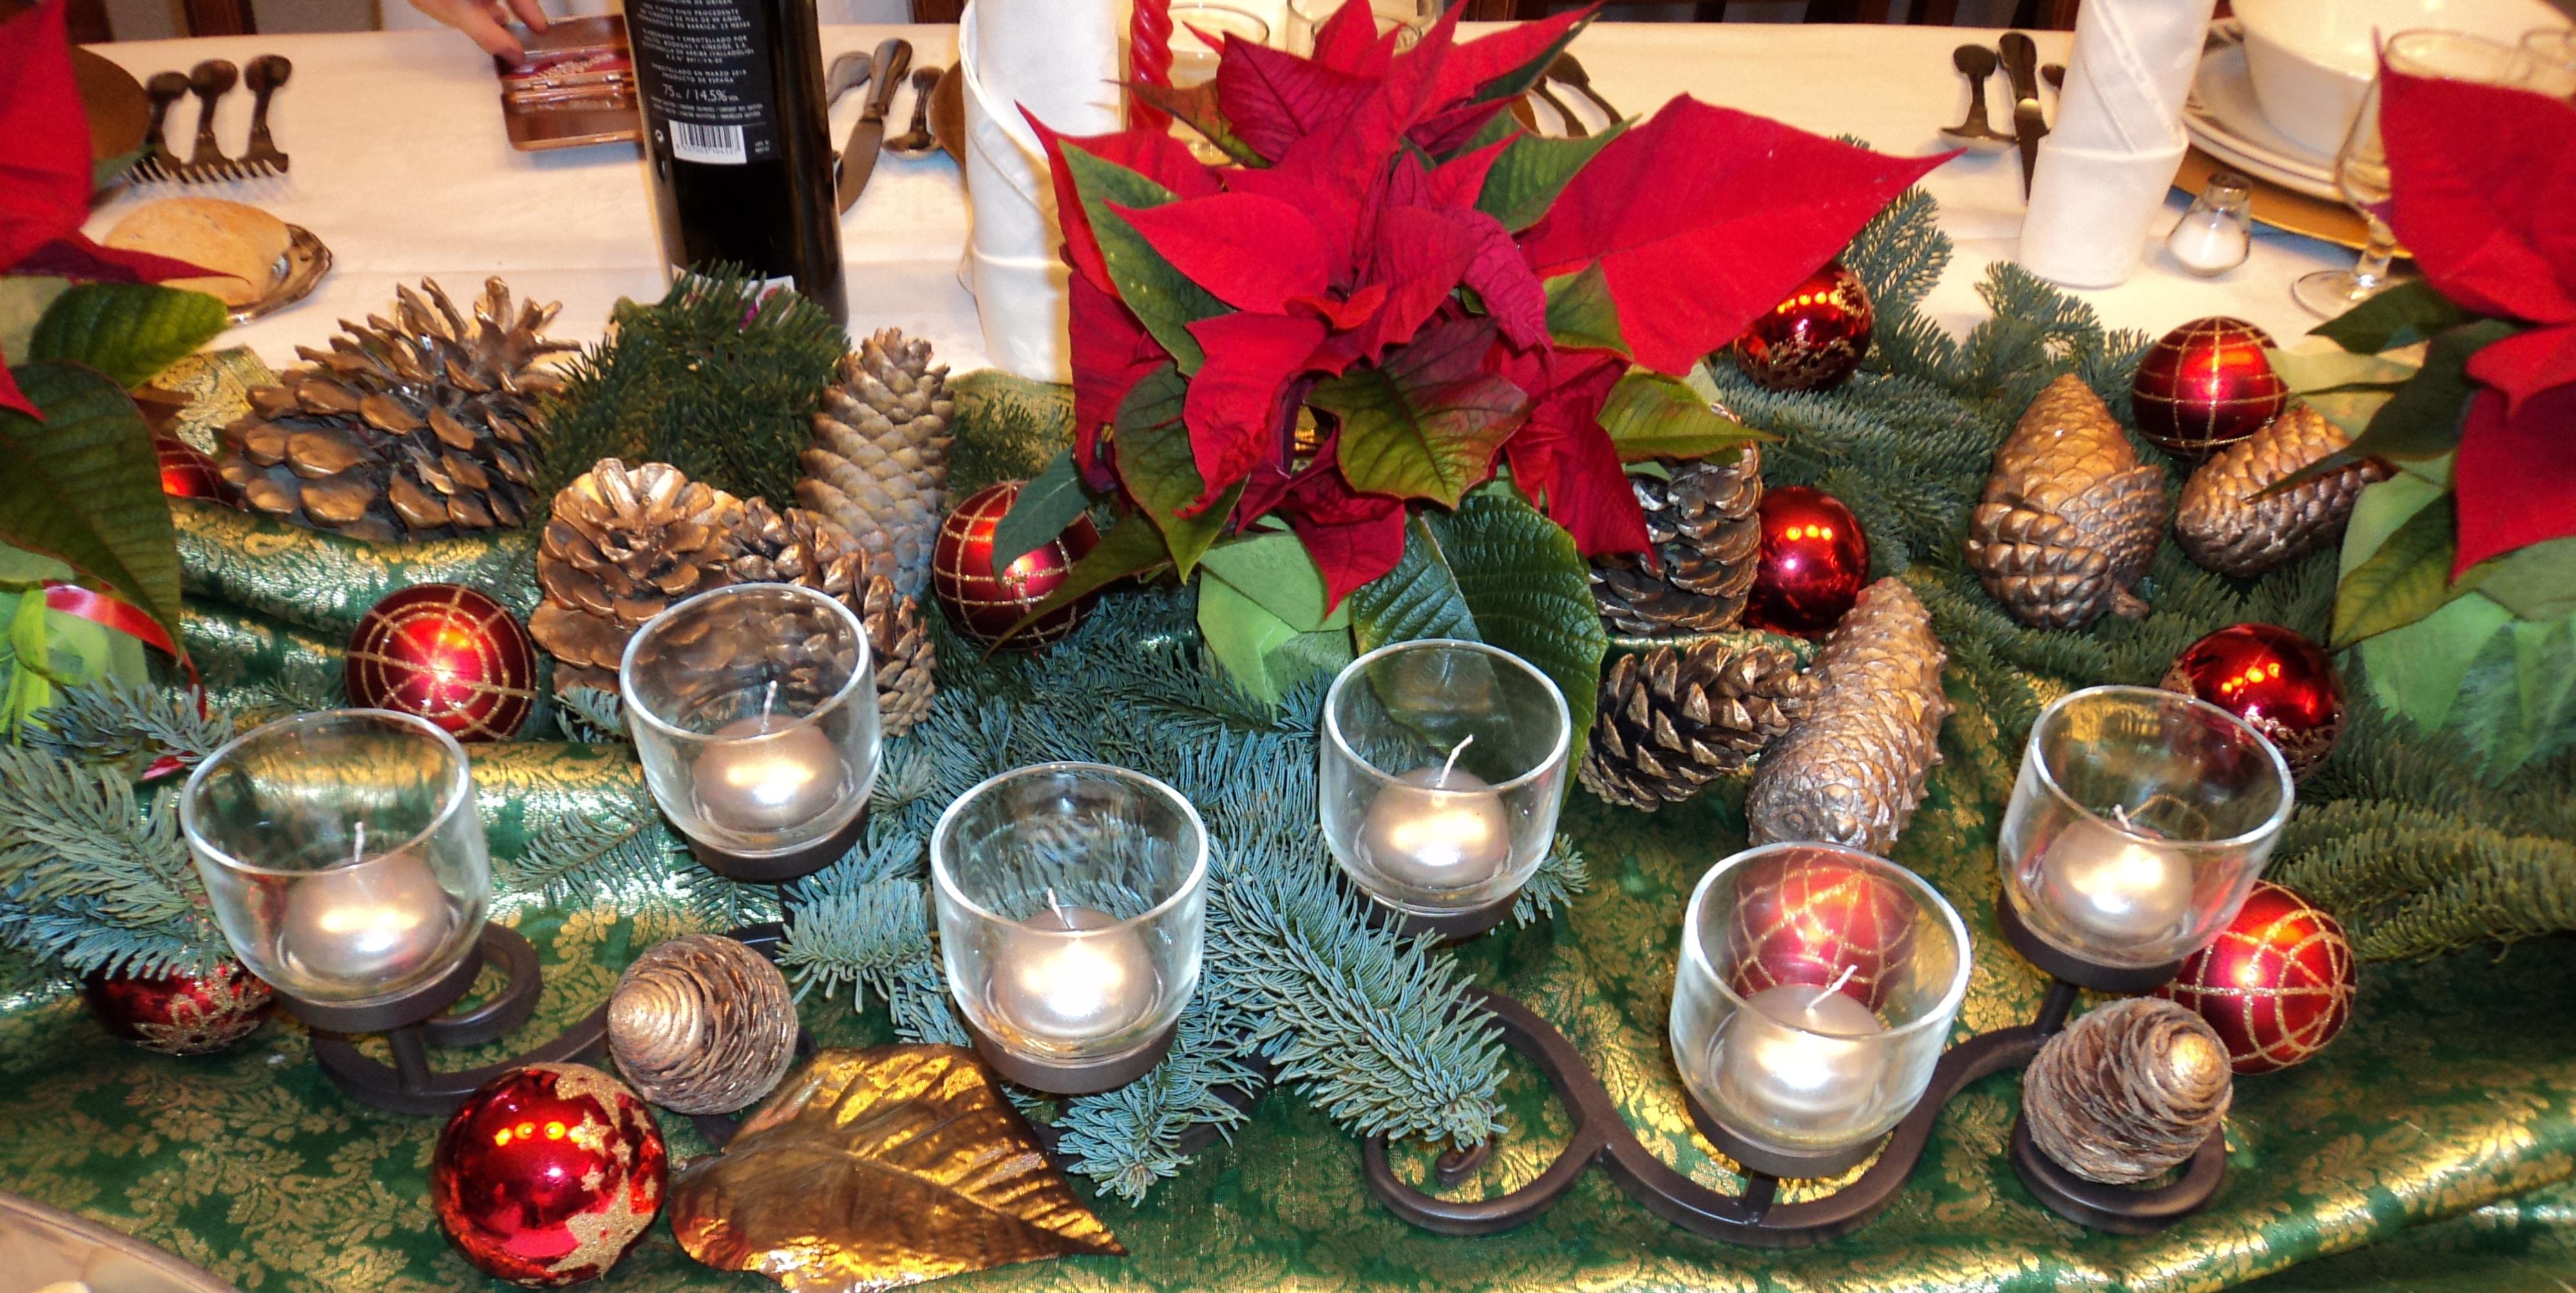 Centros de mesa para navidad y nochevieja hogar creativo - Centros de mesa navidad ...